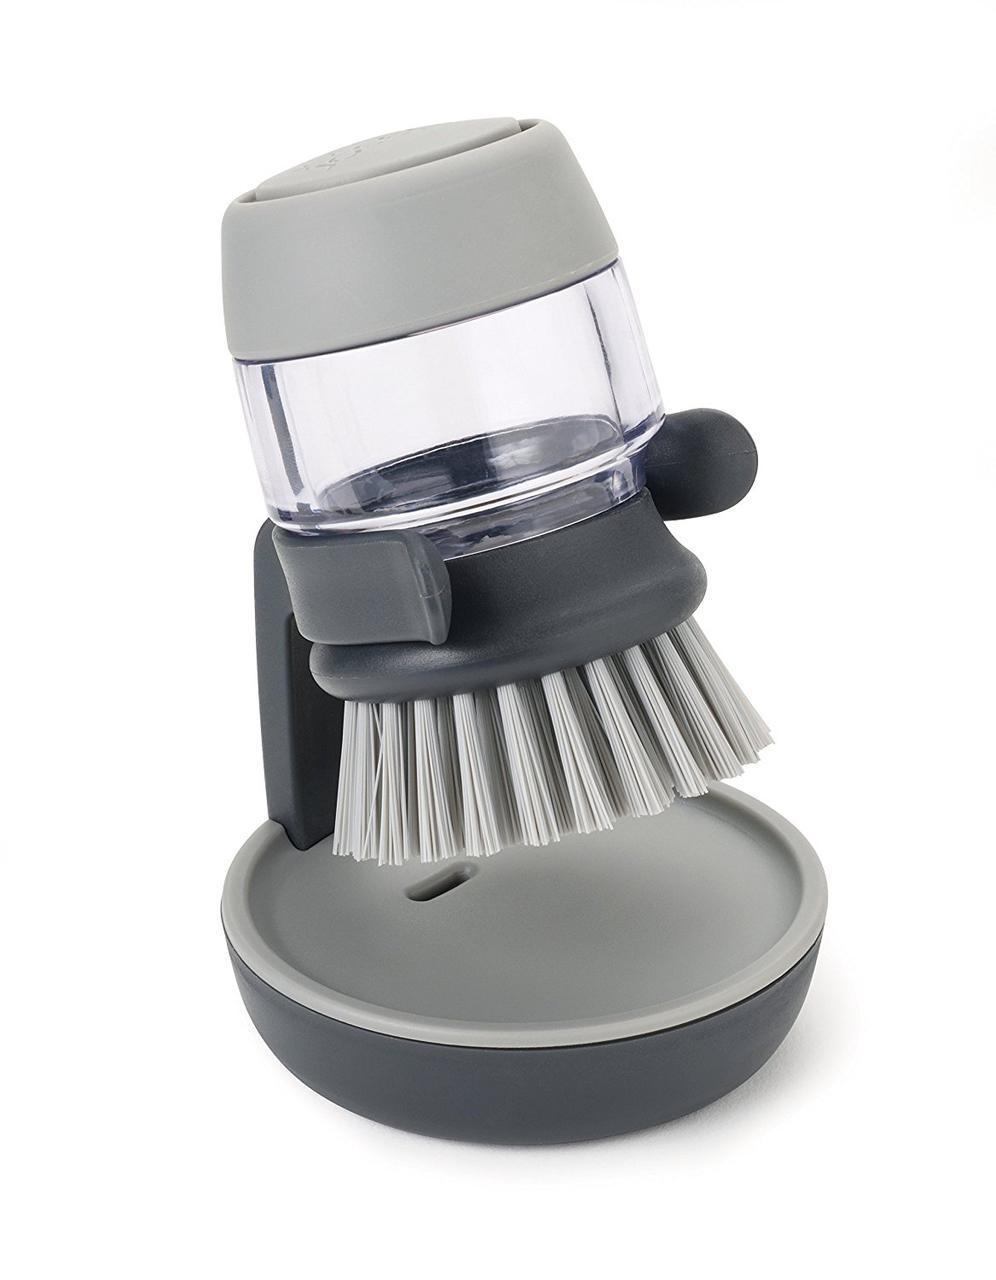 Щітка для миття посуду з дозатором JOSEPB JOSEPB Palm Crub Сірий